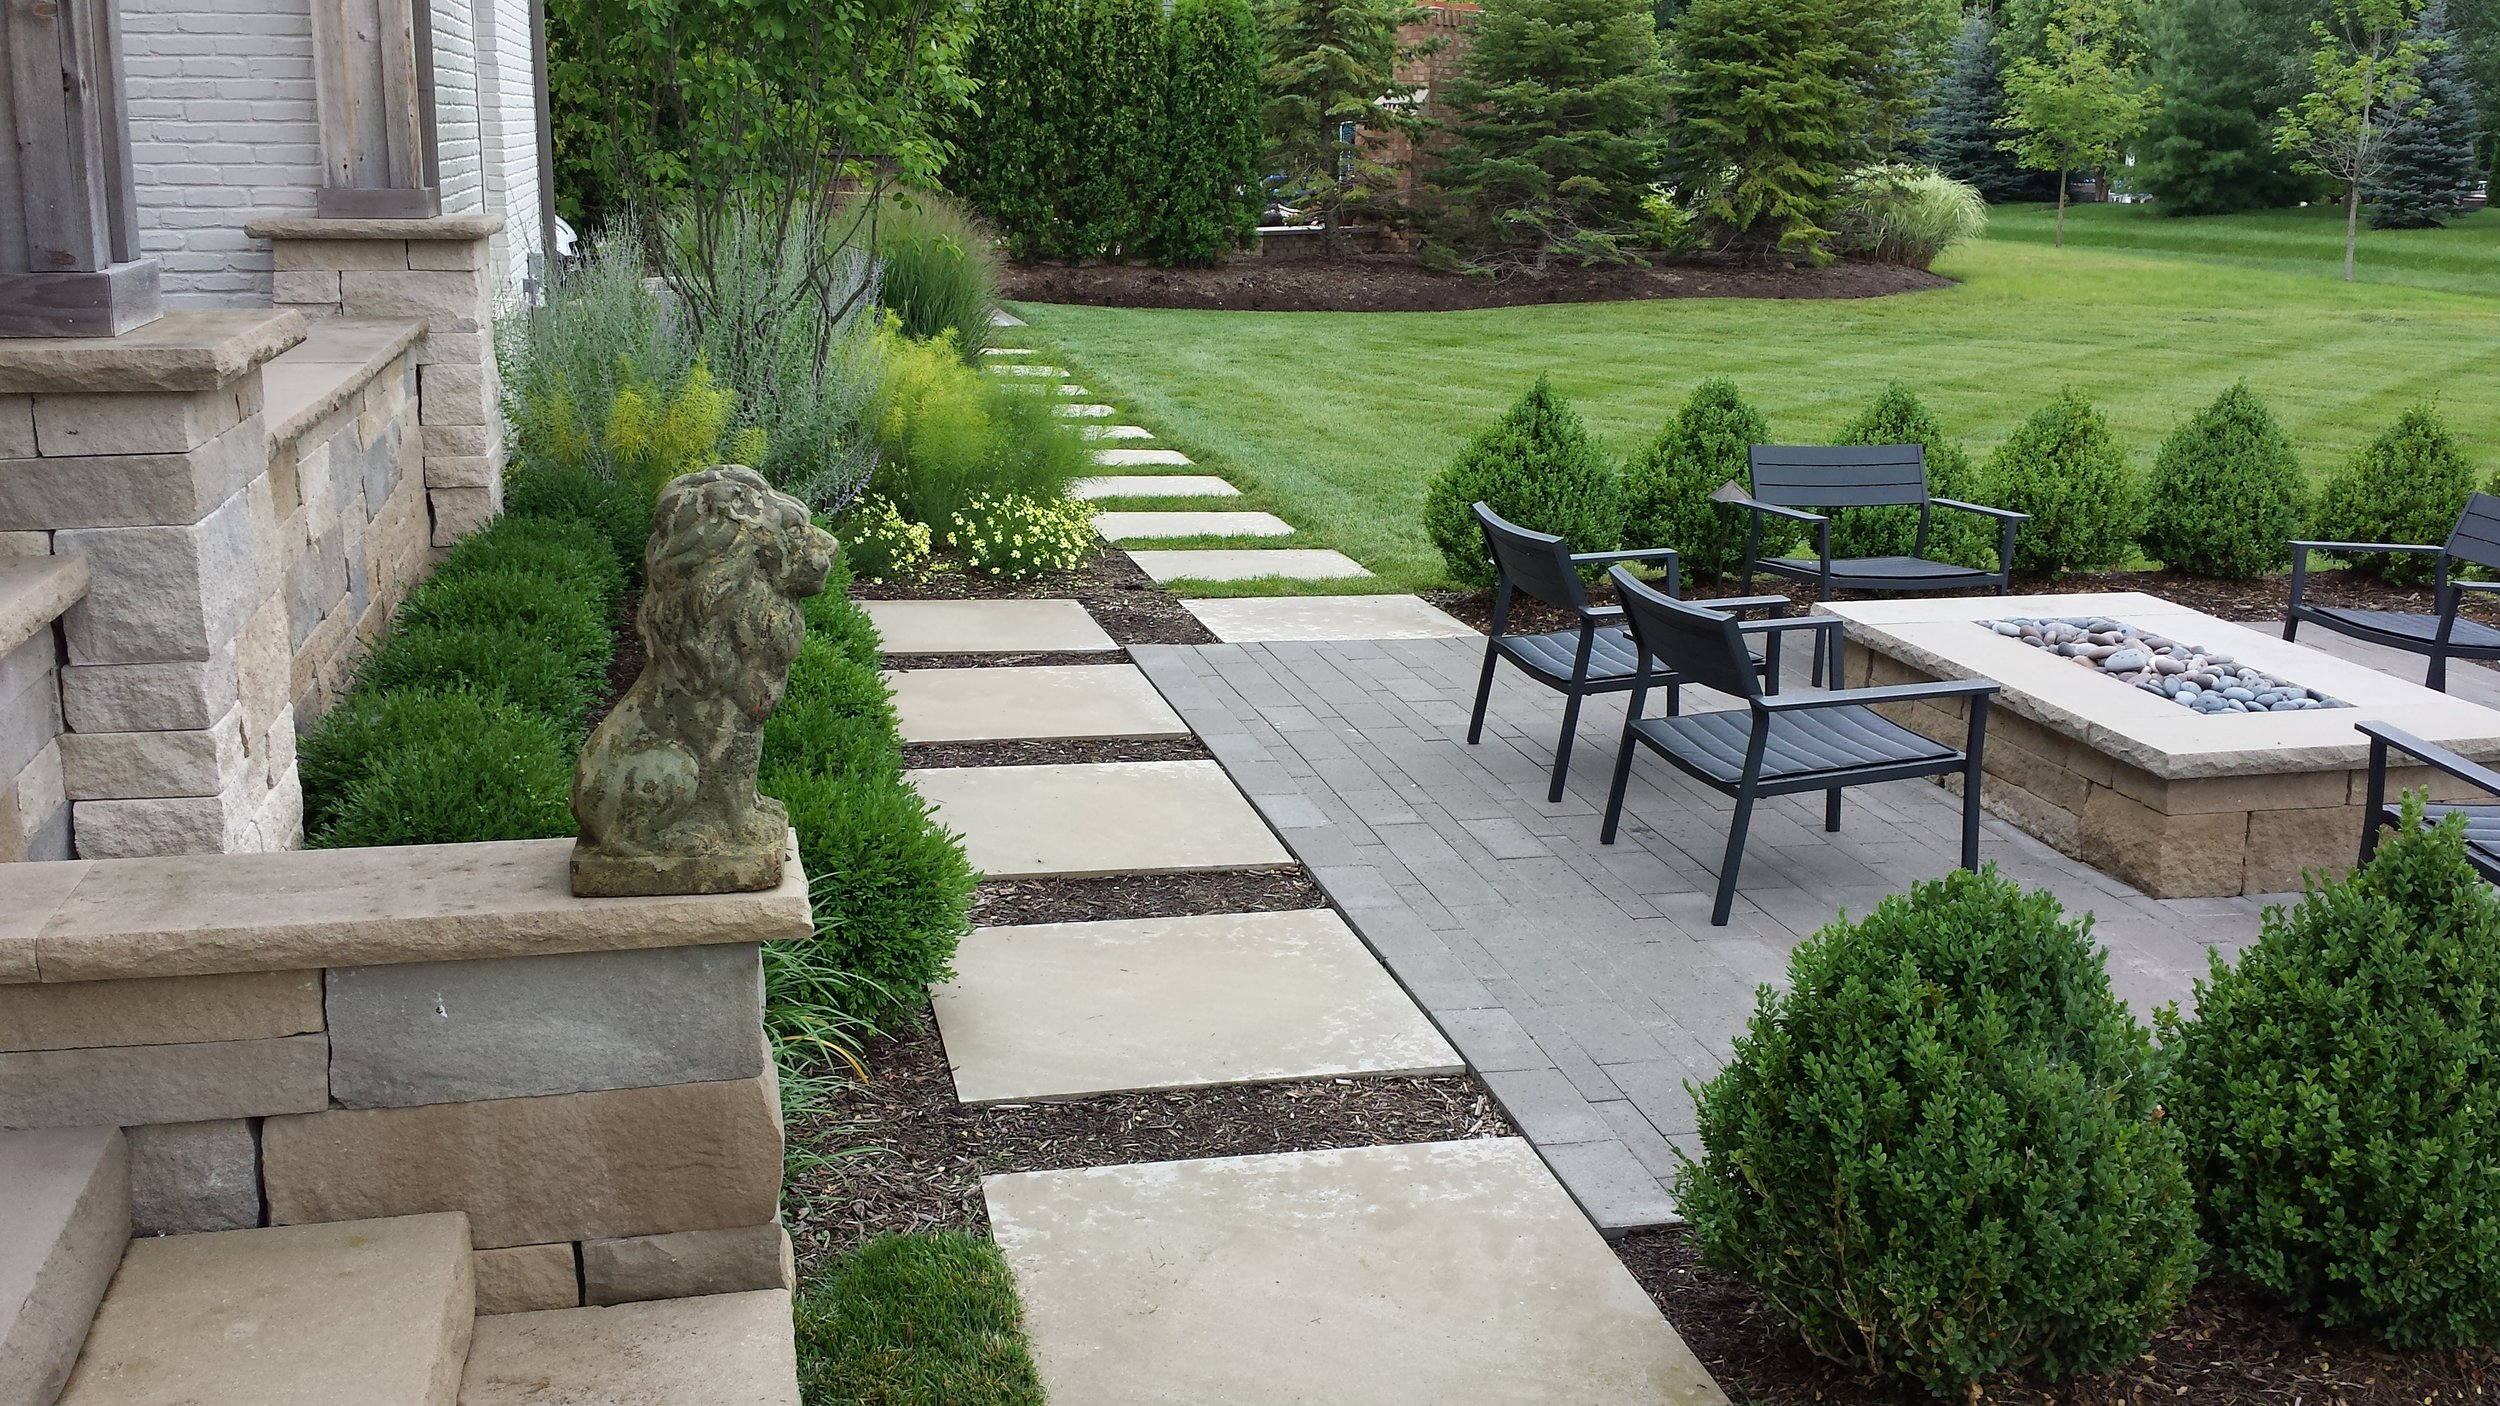 zionsville modern landscape design